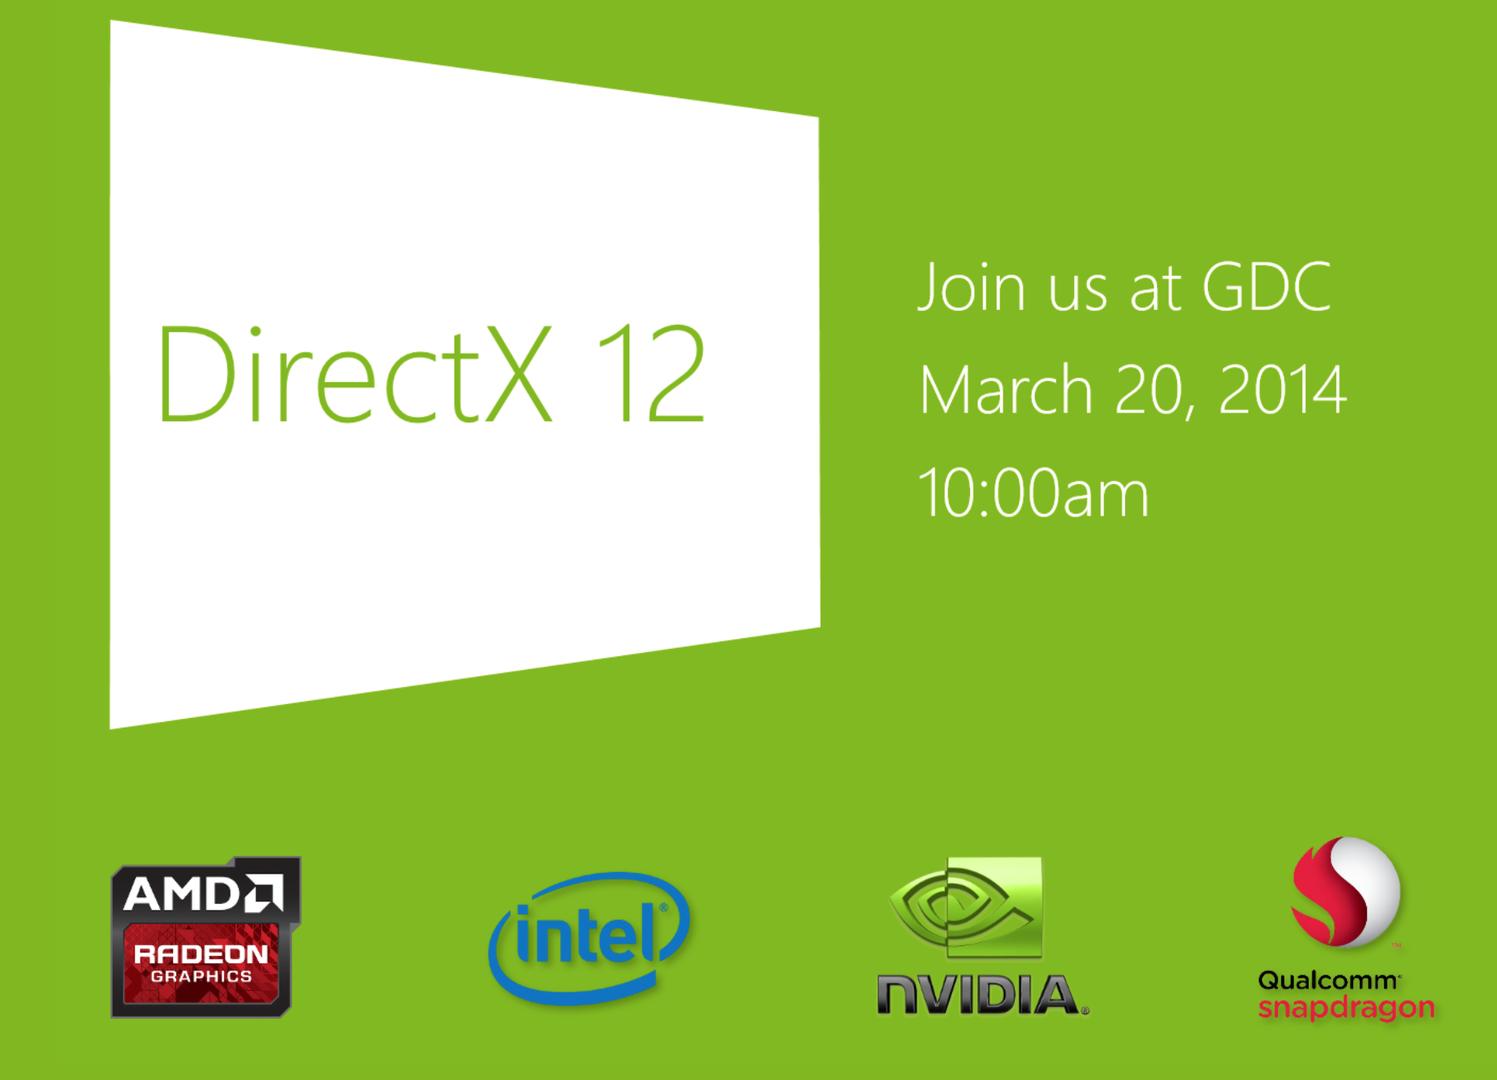 Die Ankündigung der Vorstellung von DirectX 12